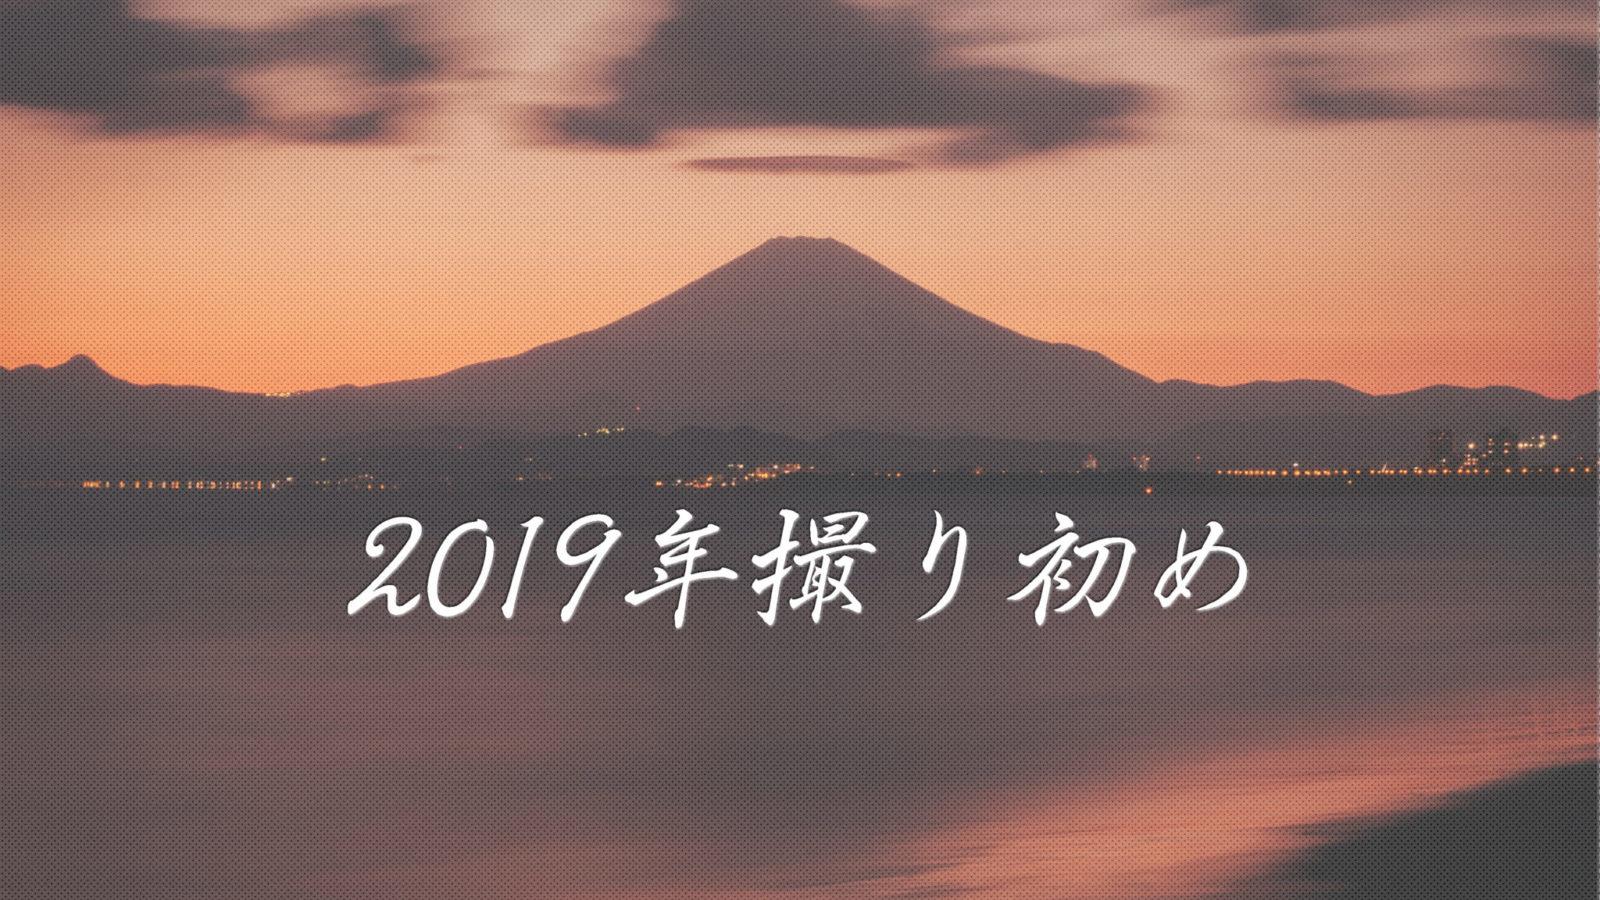 2019年の撮り初め。この1年は湘南を撮りまくりたい。